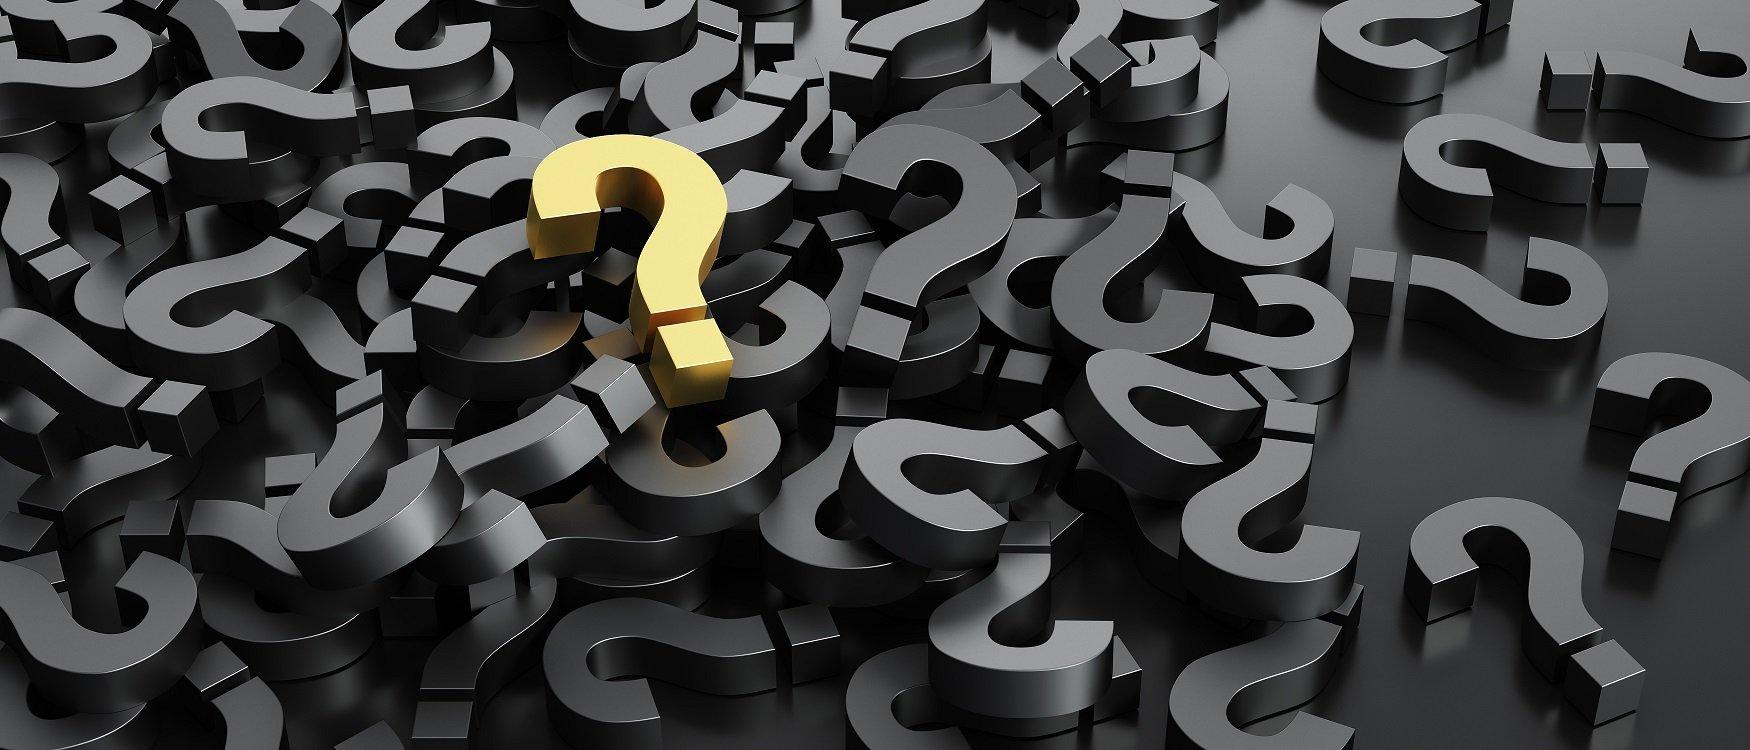 Fizik Tedavi Hakkında En Merak Edilen 10 Soru ve Cevap